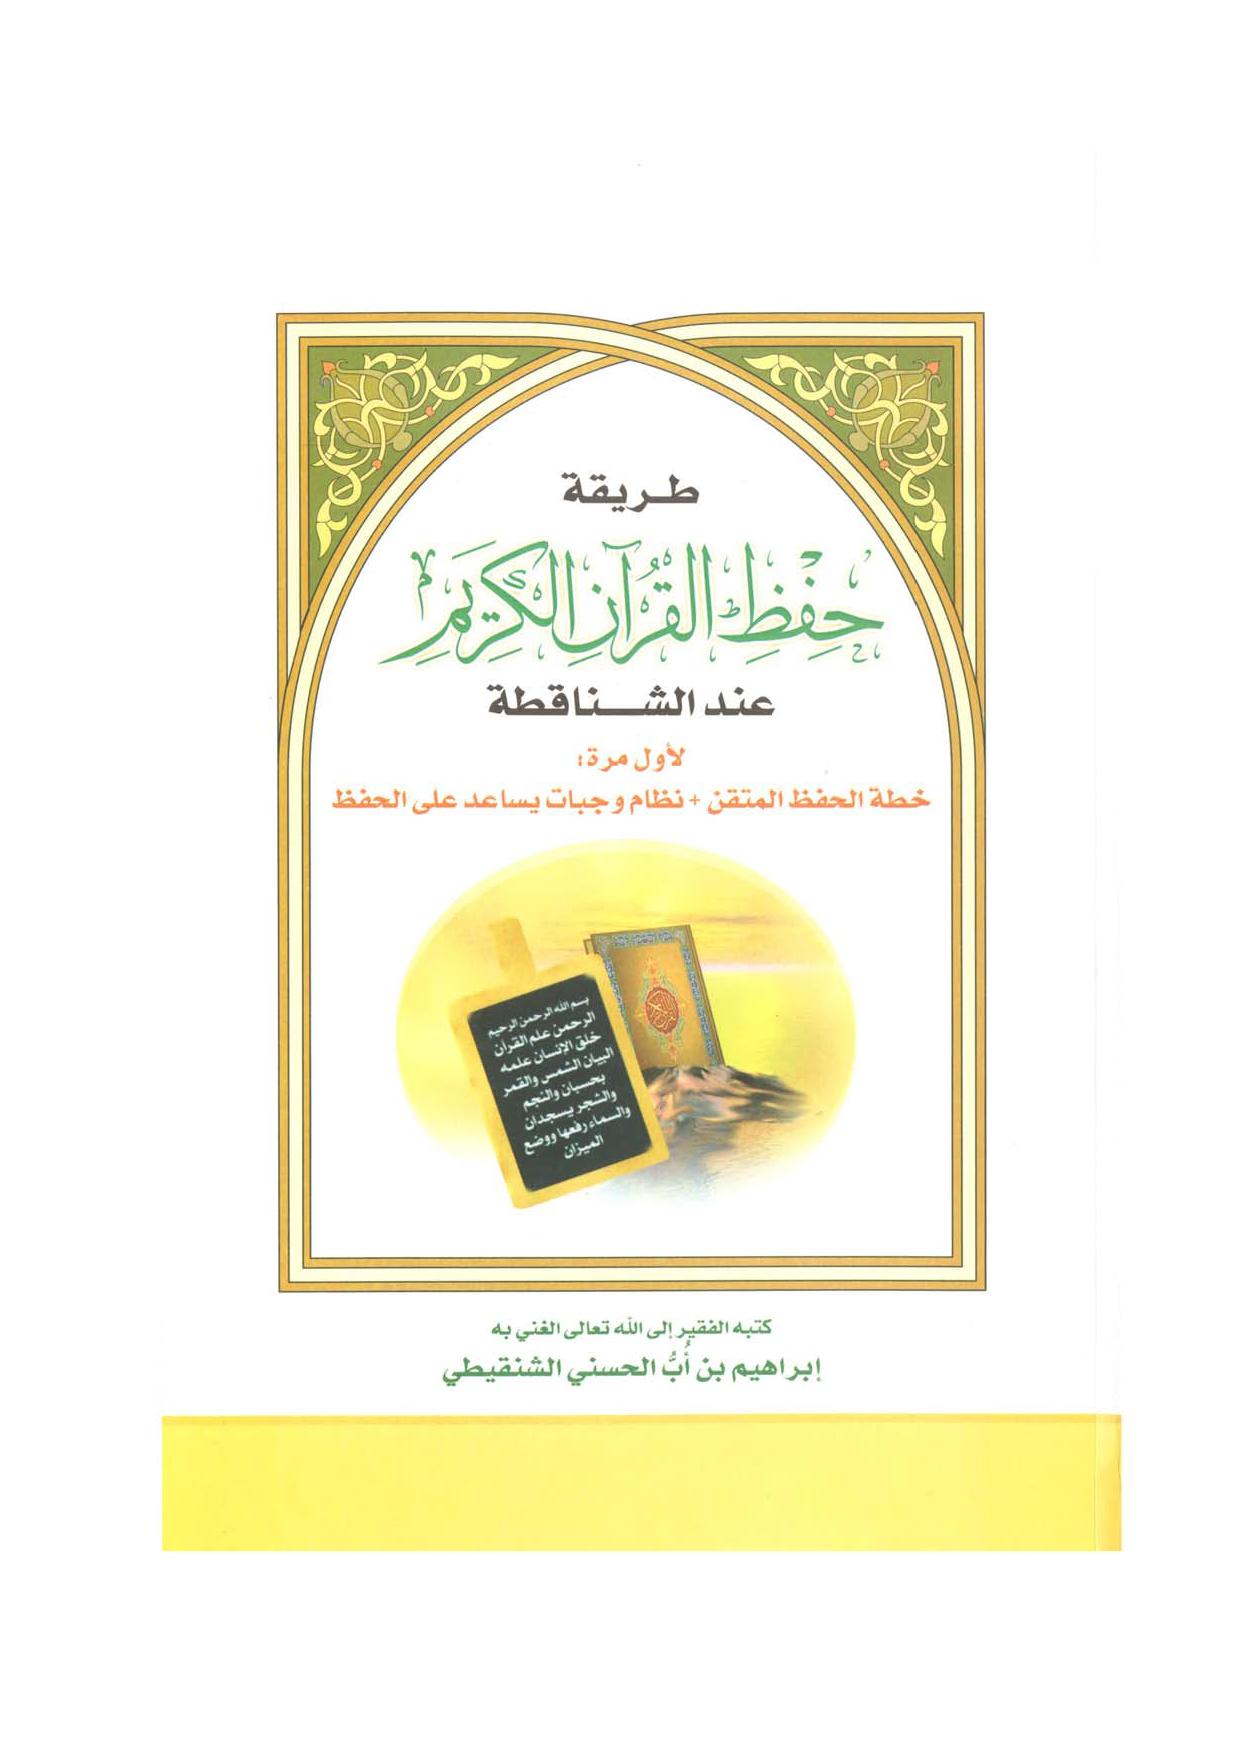 تحميل كتاب طريقة حفظ القرآن الكريم عند الشناقطة لـِ: الأستاذ إبراهيم بن أُبُّ الحسني الشنقيطي